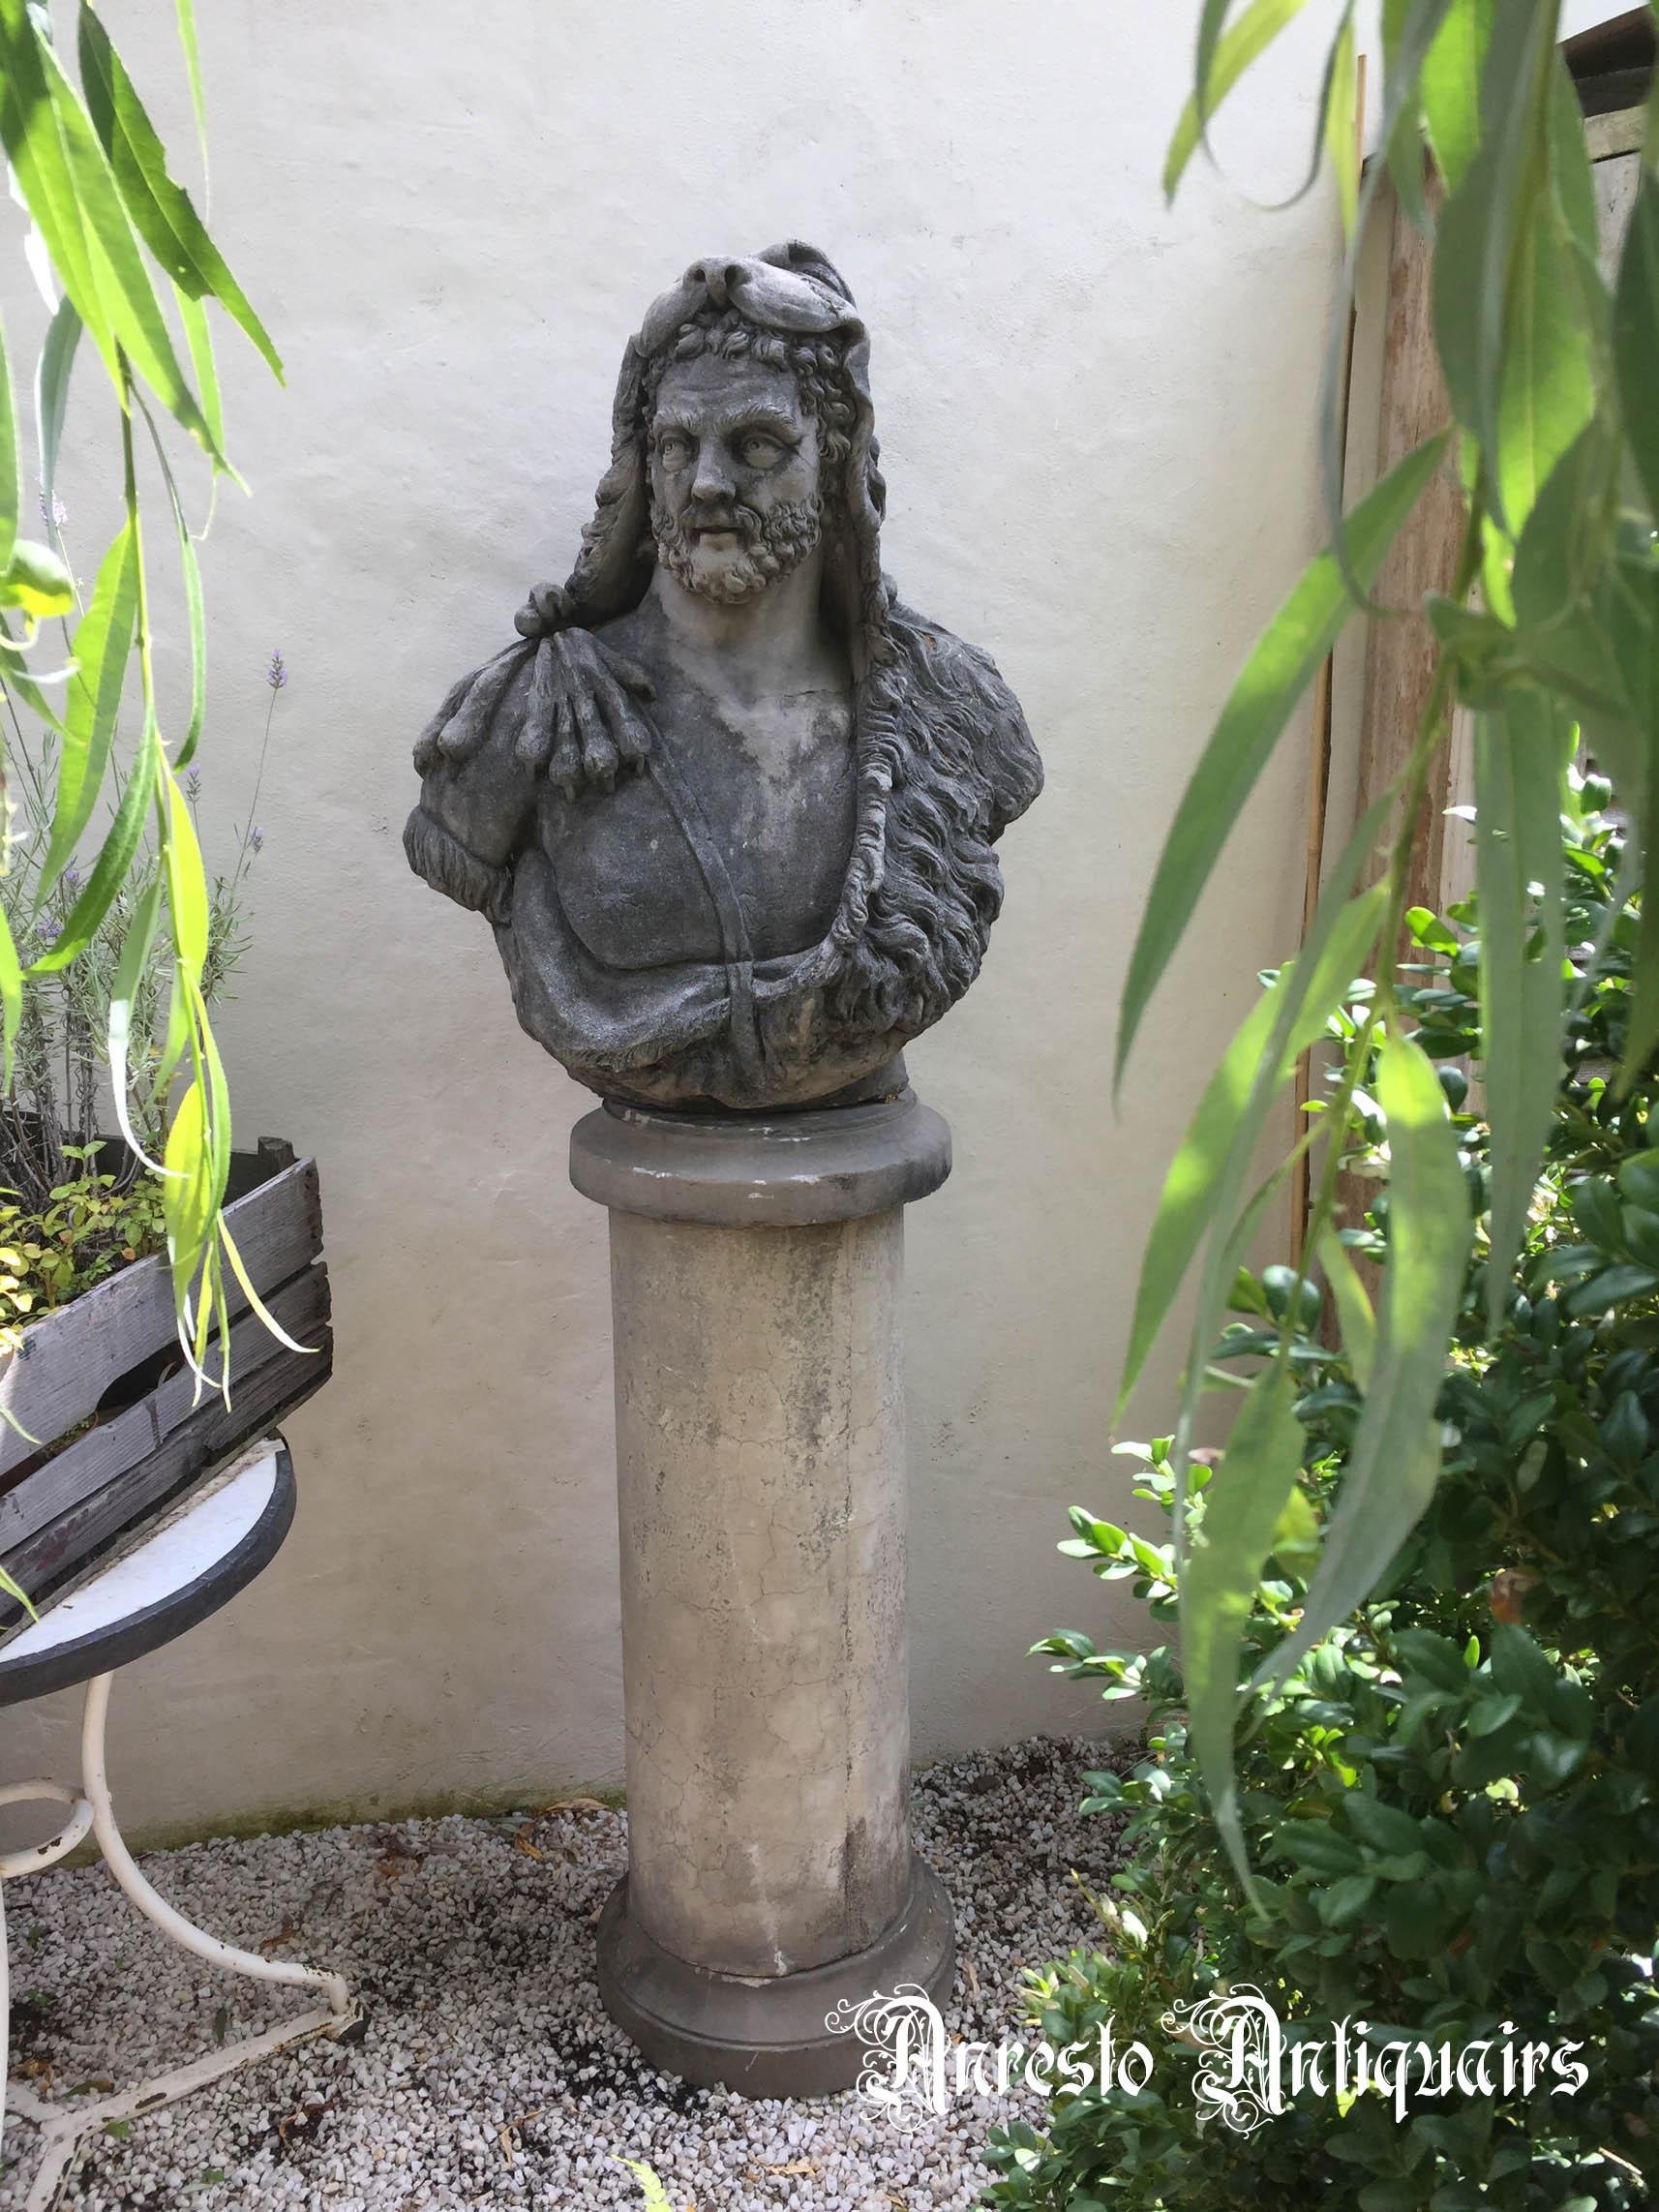 Ref. 20 – Antiek tuinbeeld Hercules, oud tuinbeeld Hercules